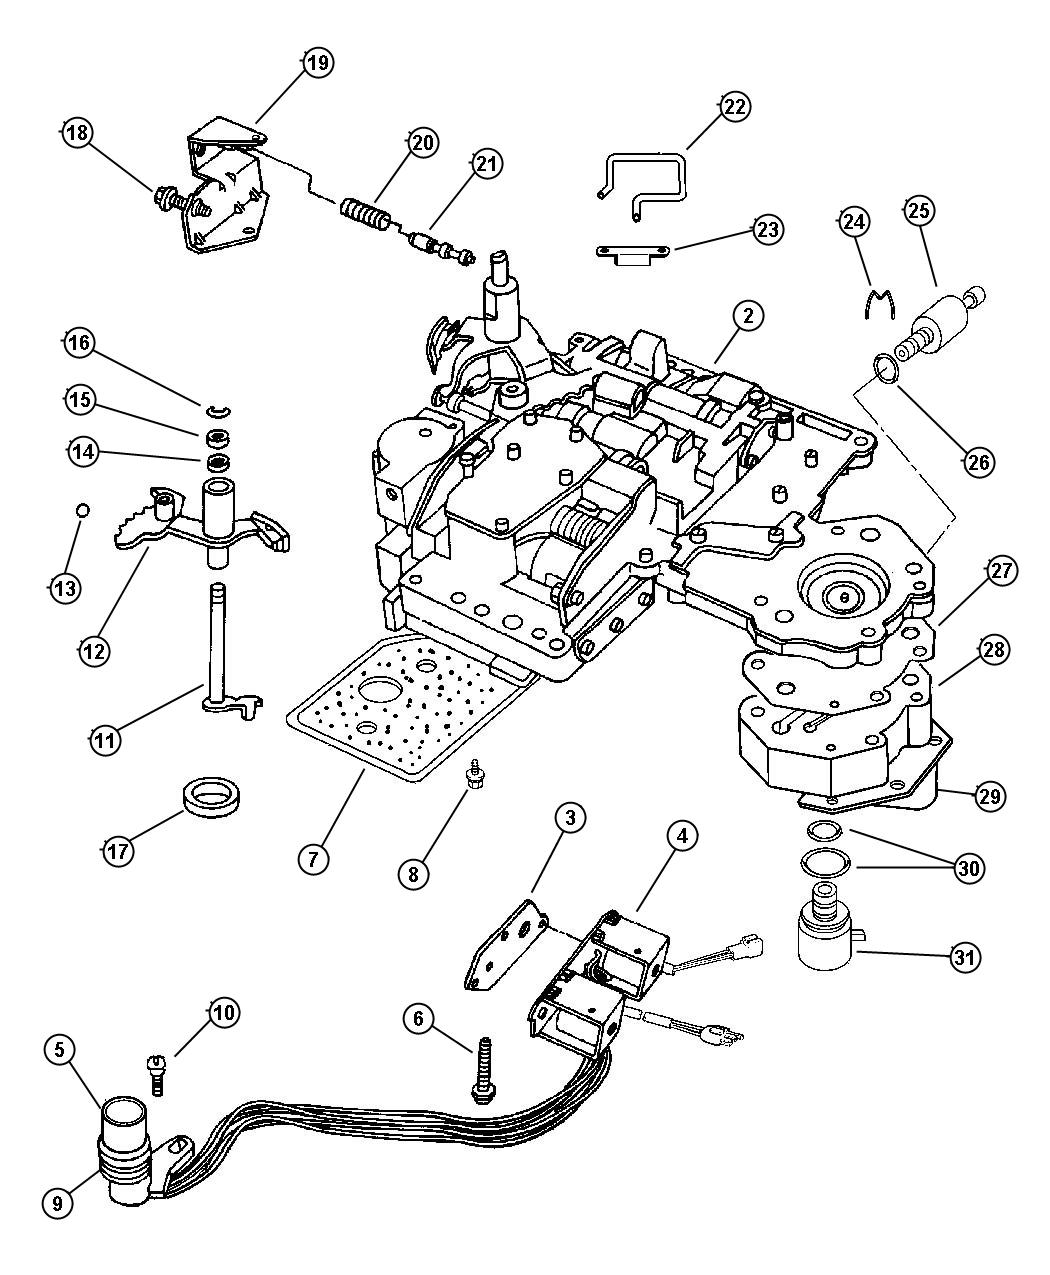 700r4 Vacuum Switch Installation Diagram